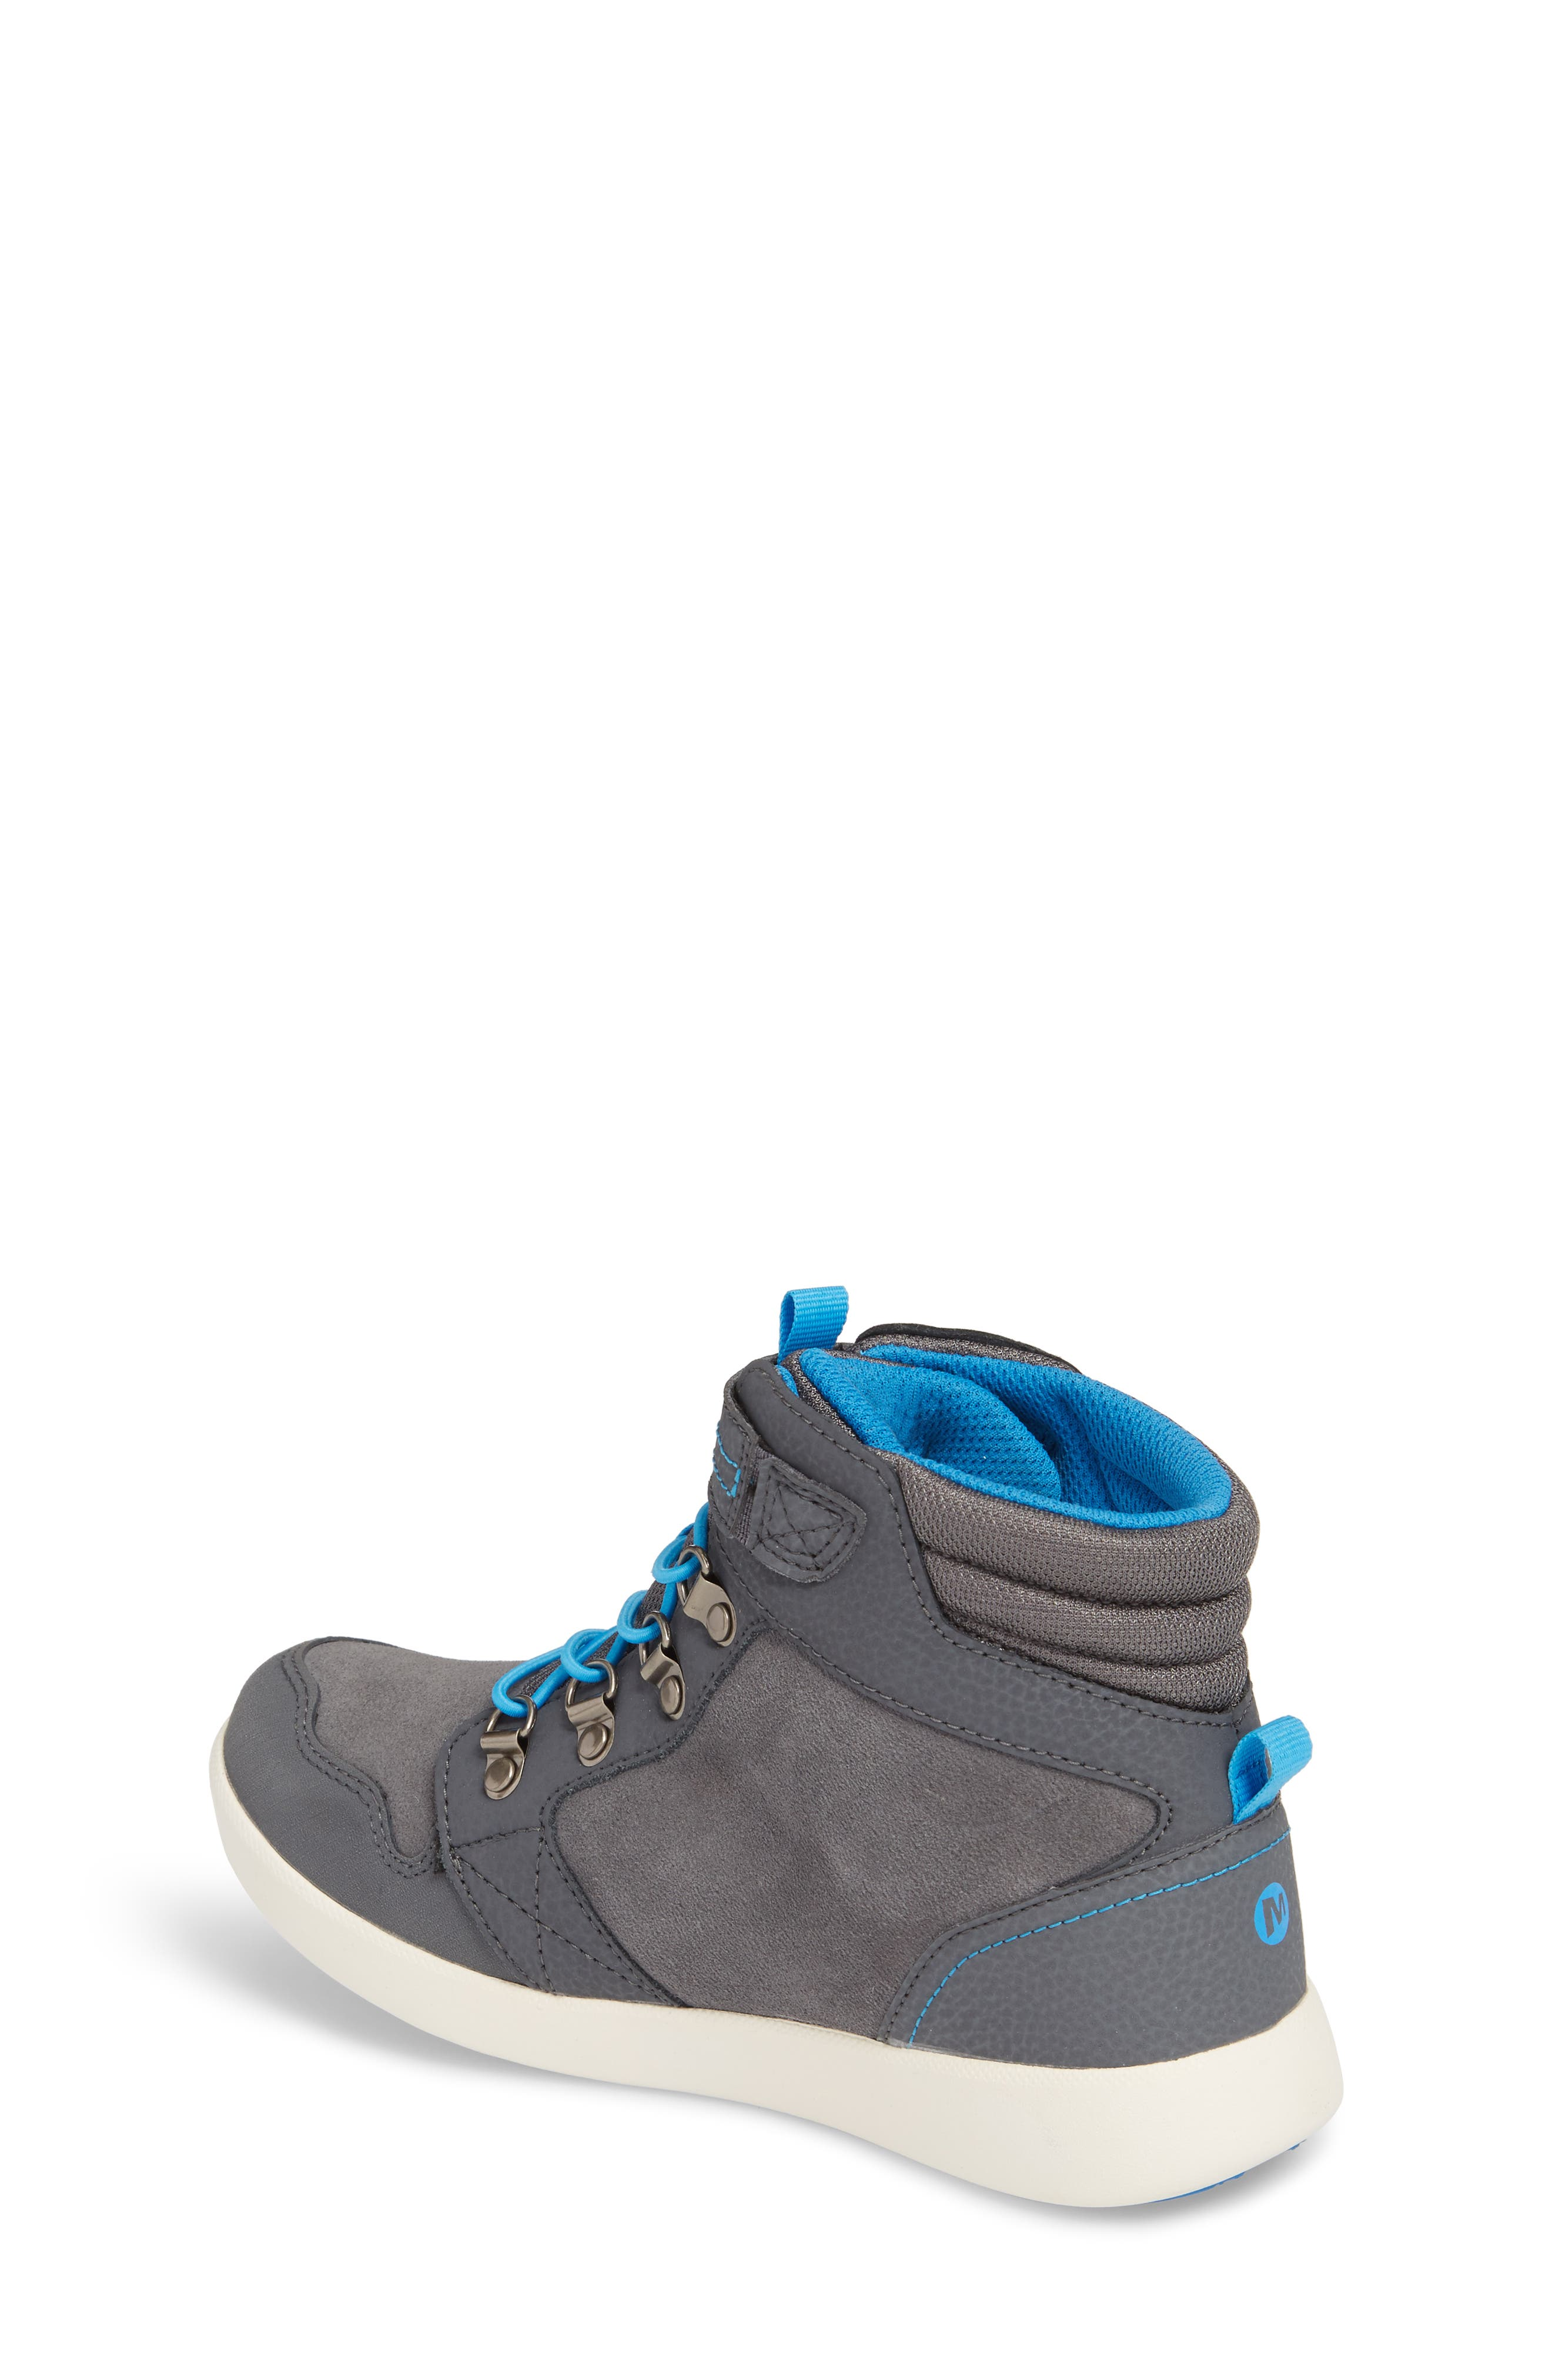 Freewheel Mid Top Waterproof Sneaker Boot,                             Alternate thumbnail 2, color,                             Grey